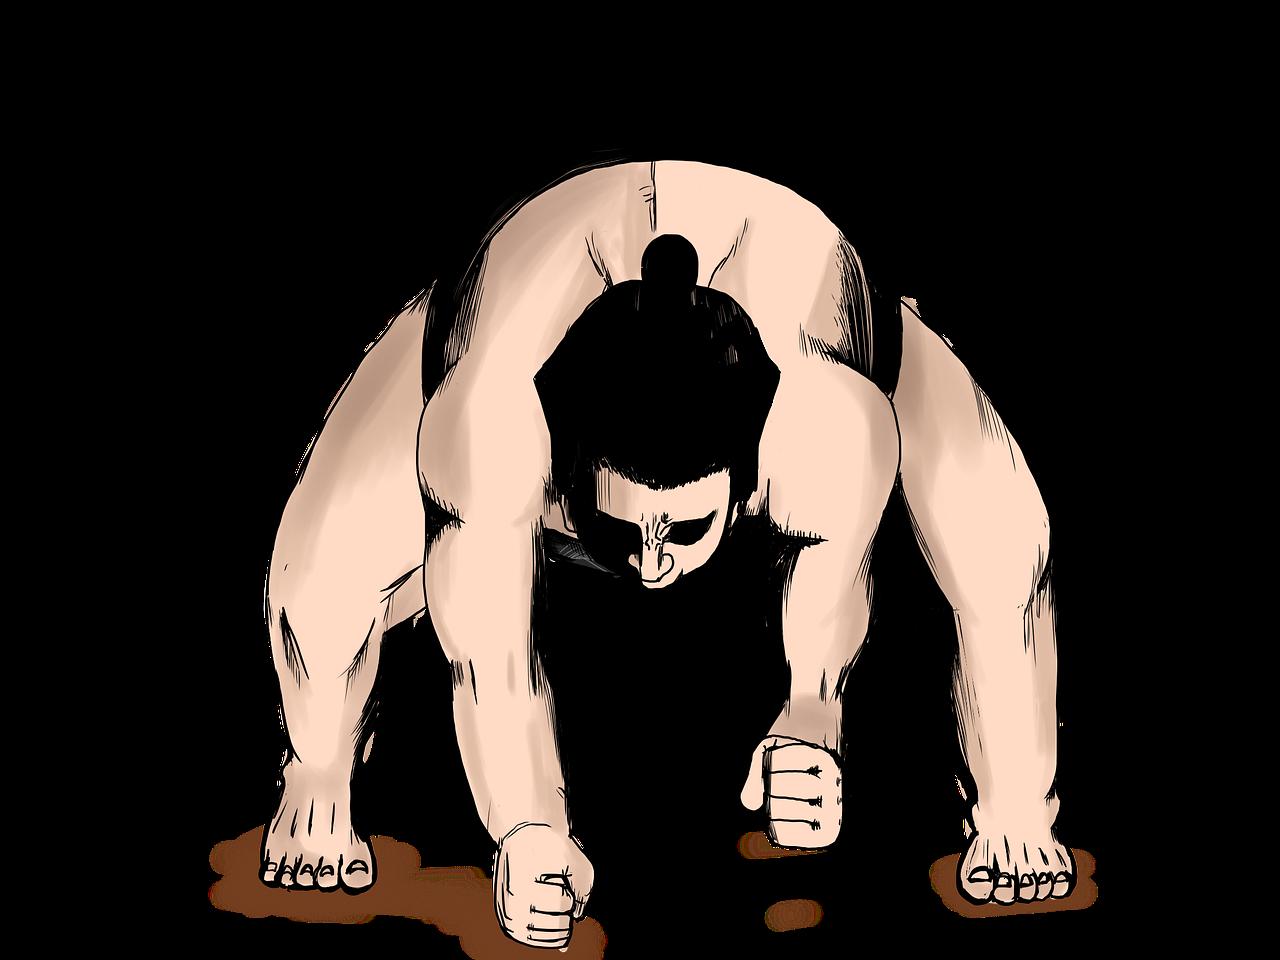 相撲技 なのです